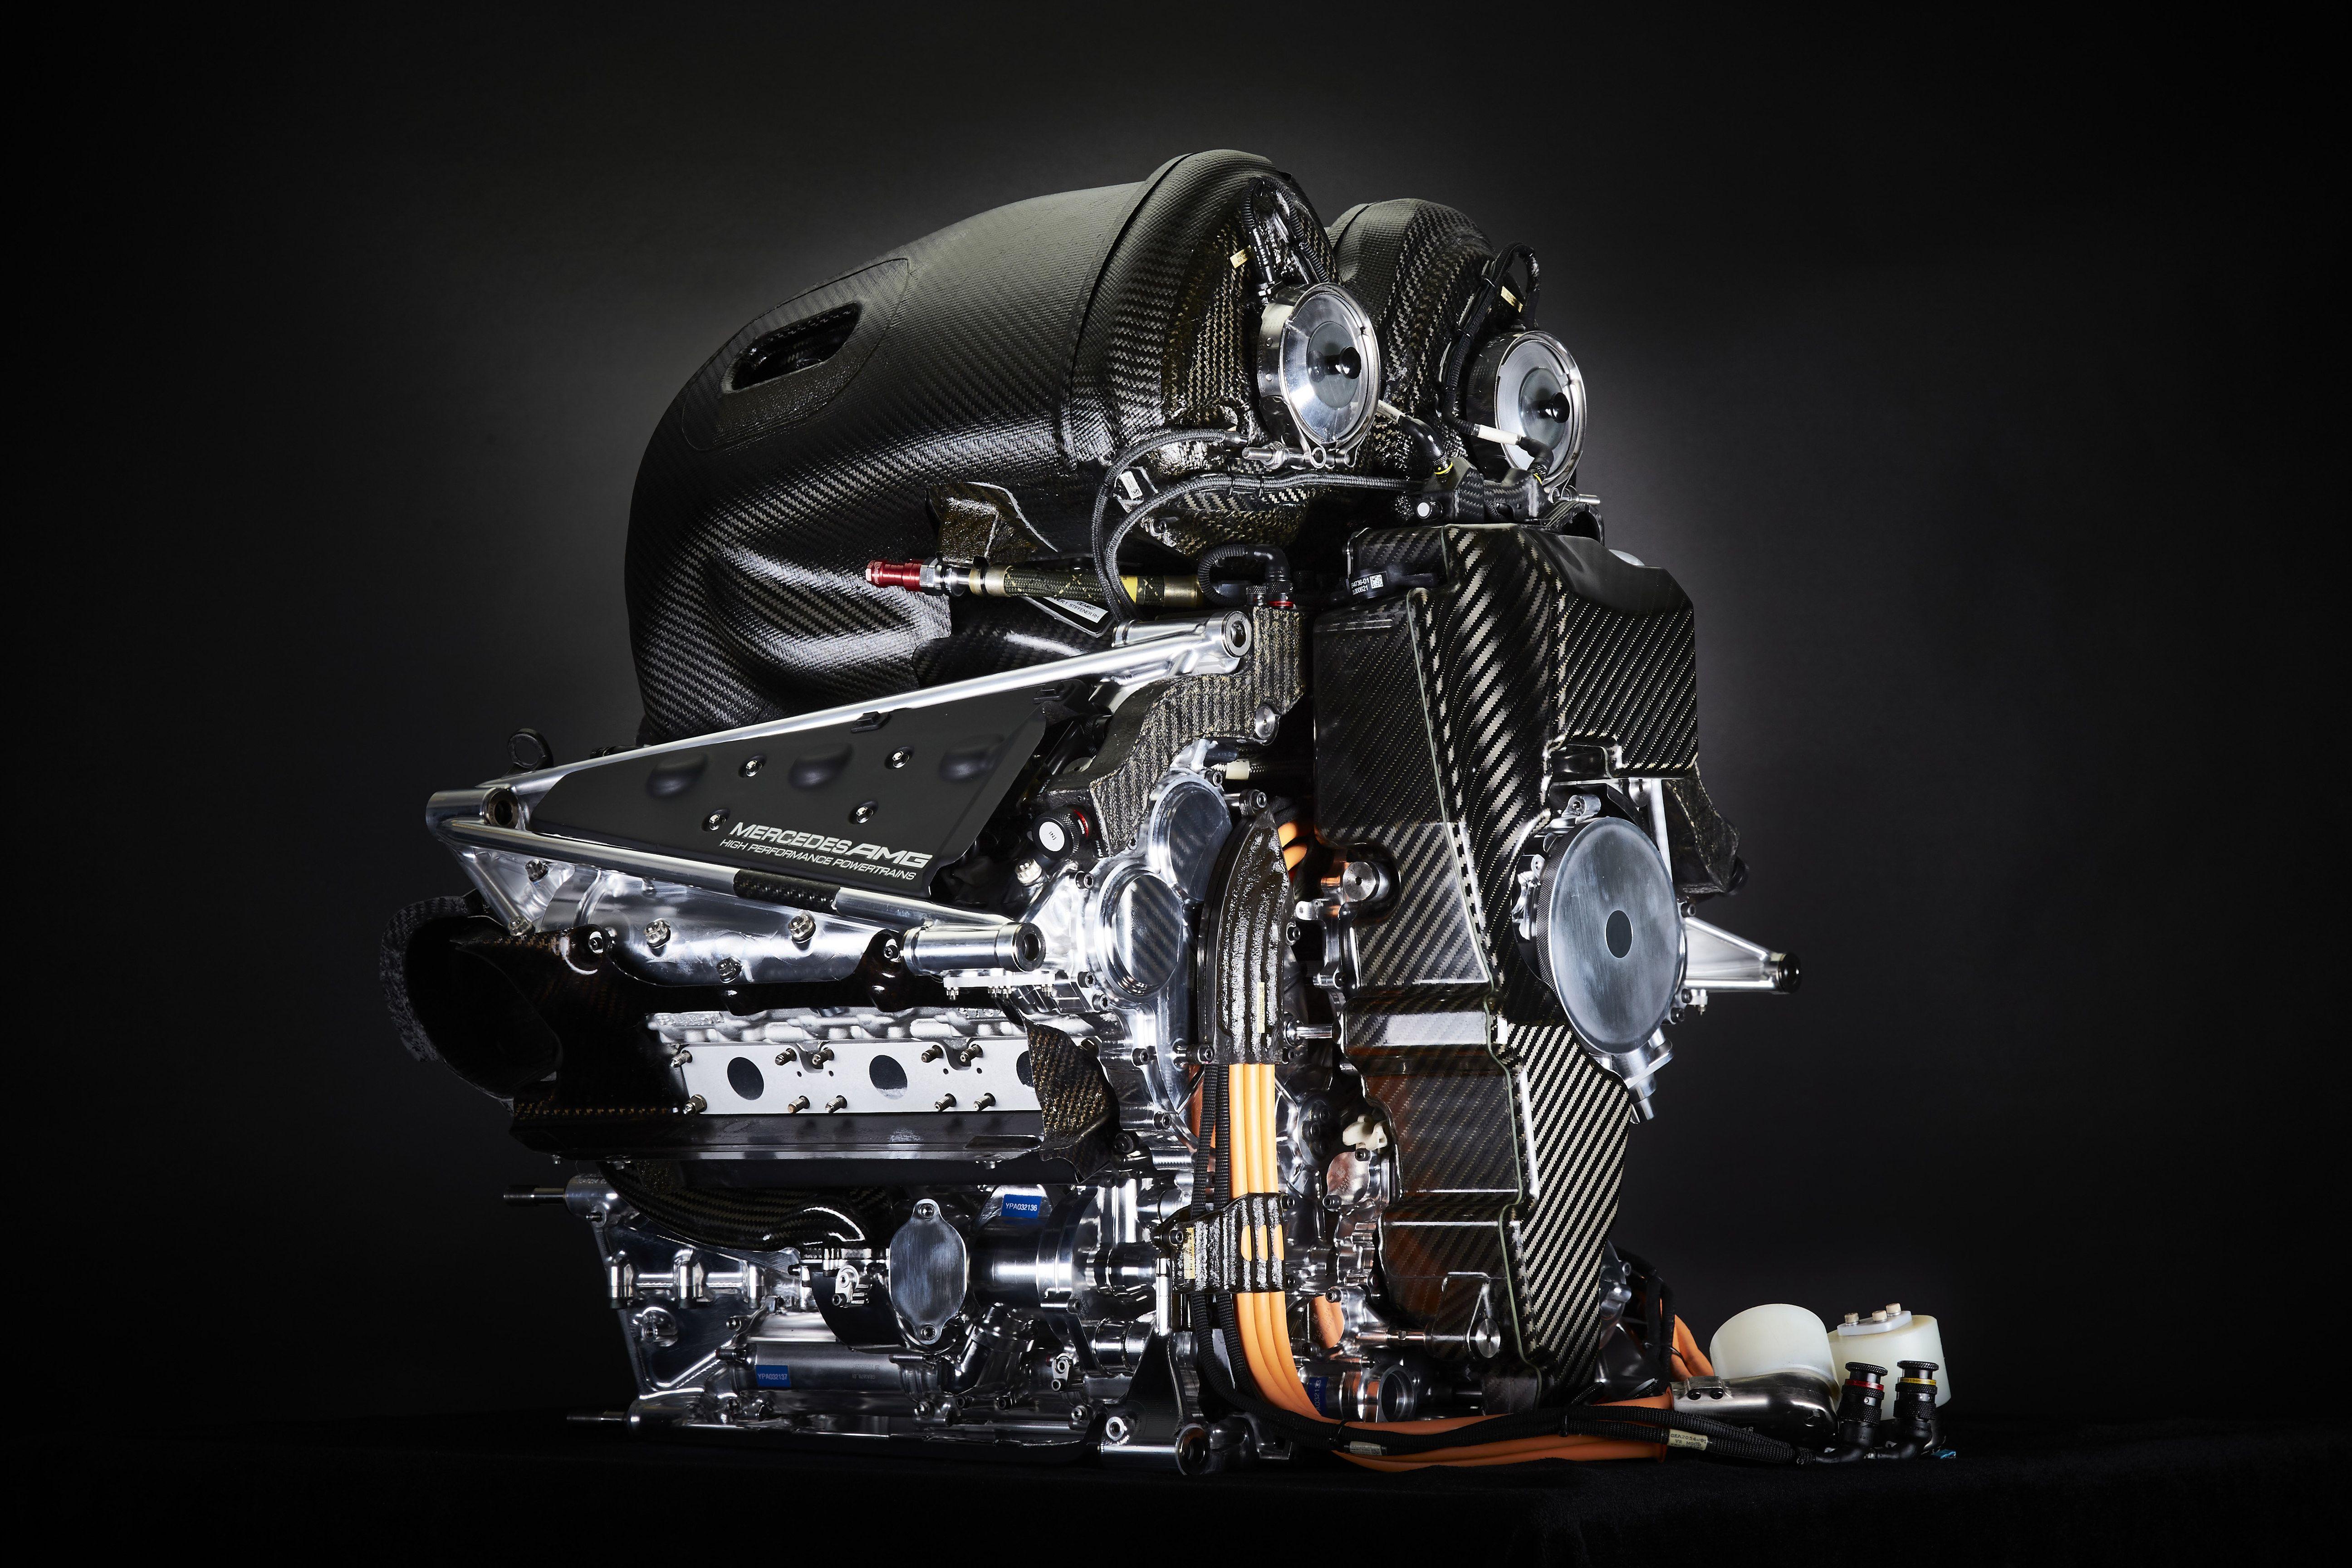 F1 - 2017-2020: DÖNTÖTTEK A MOTORSZABÁLYOKRÓL!